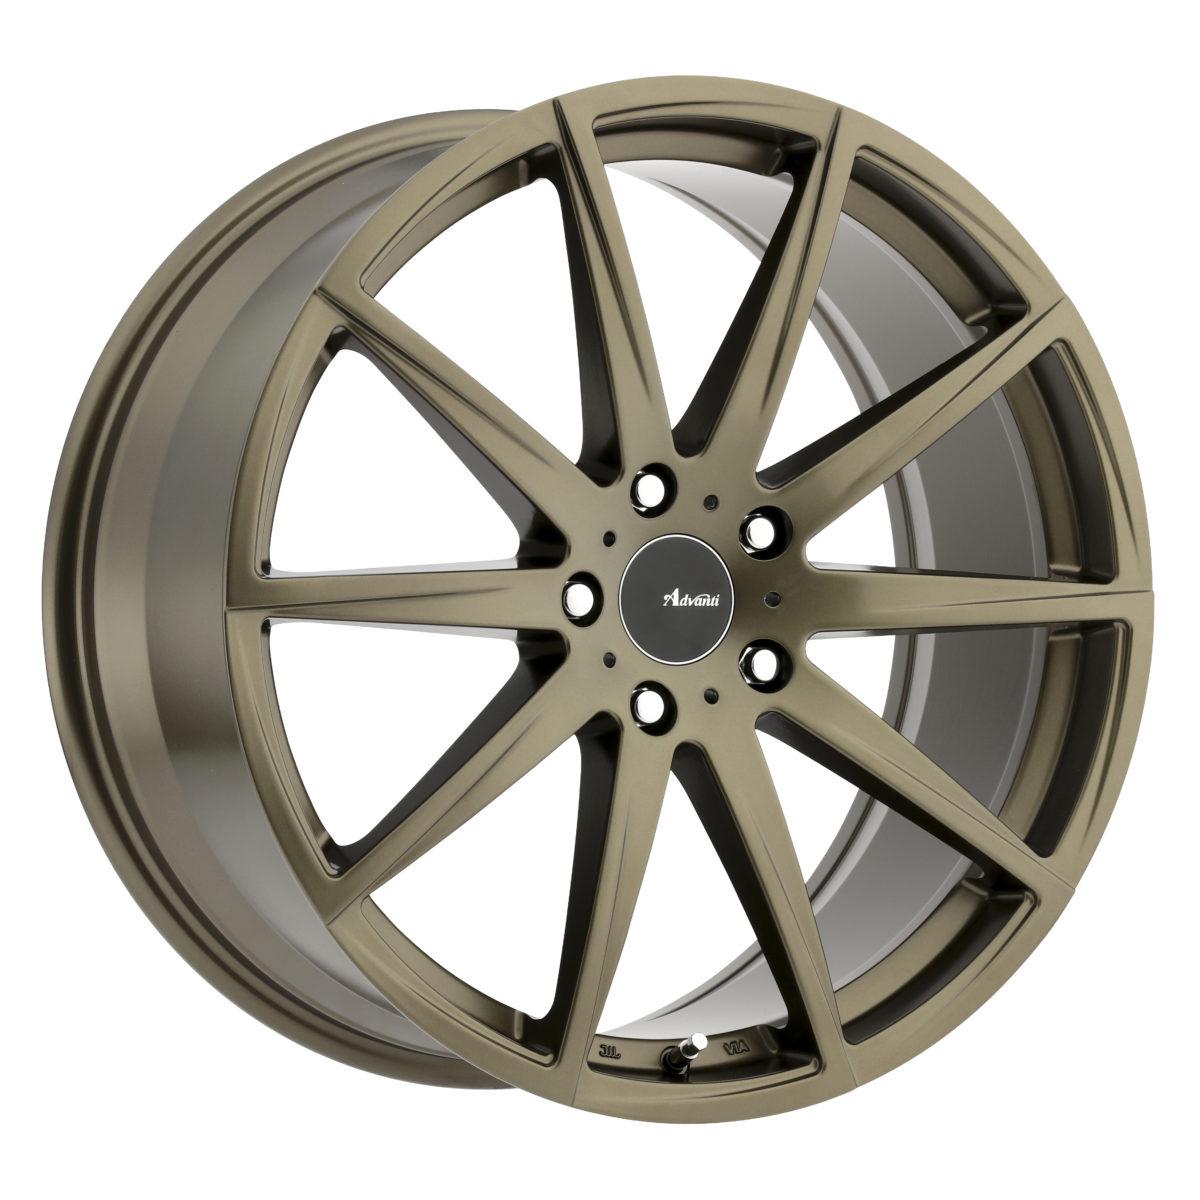 Advanti Wheels Dieci - Bronze Rim